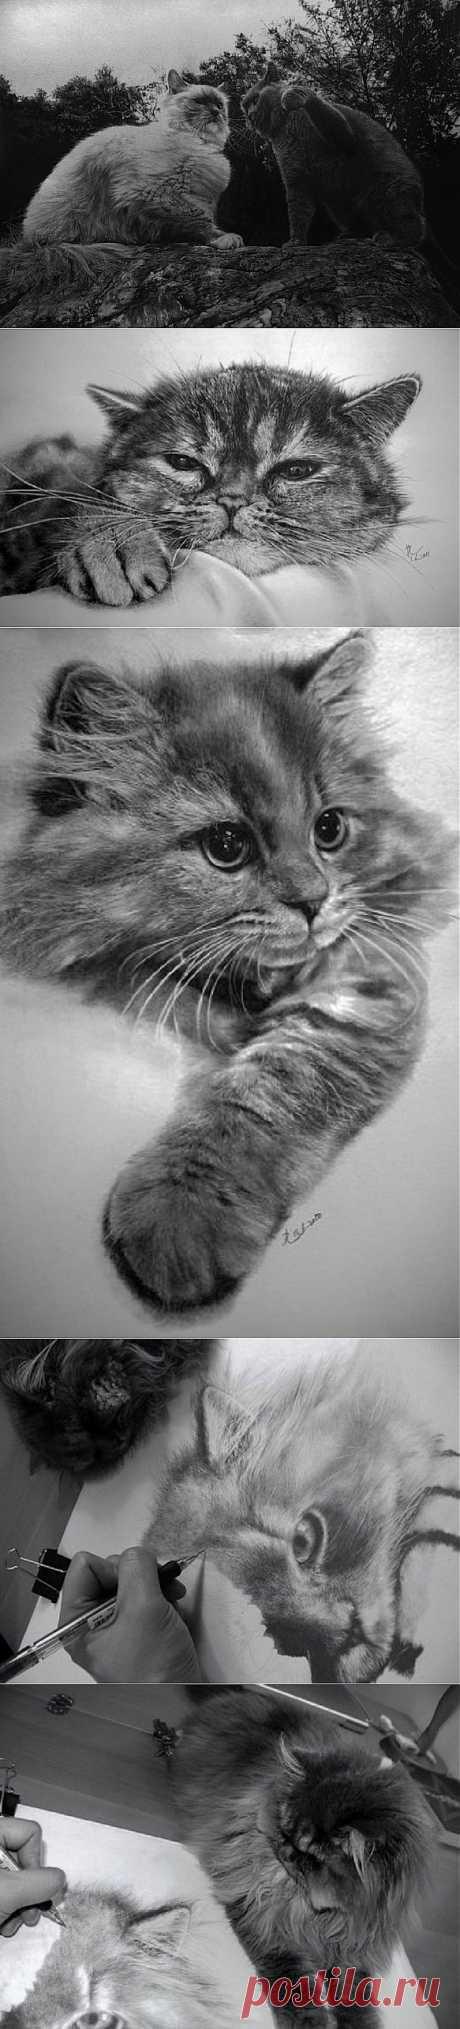 """""""Я рисую портрет кота..."""" . Paul Lung - 37-летний художник из Гонг-Конга, начал рисовать в 2004, изучив множество литературы и форумов в Интернете, посвященных реалистичному рисованию карандашом.  Главные его музы - 4 кошки, живущие у него дома; он фотографирует их и затем делает рисунки с этих фото.   Любовь к этим пушистым и игривым зверькам отображается и оживает на листе бумаги, когда автор, беря в руки карандаш, старательно вырисовывает милые мордашки котиков."""